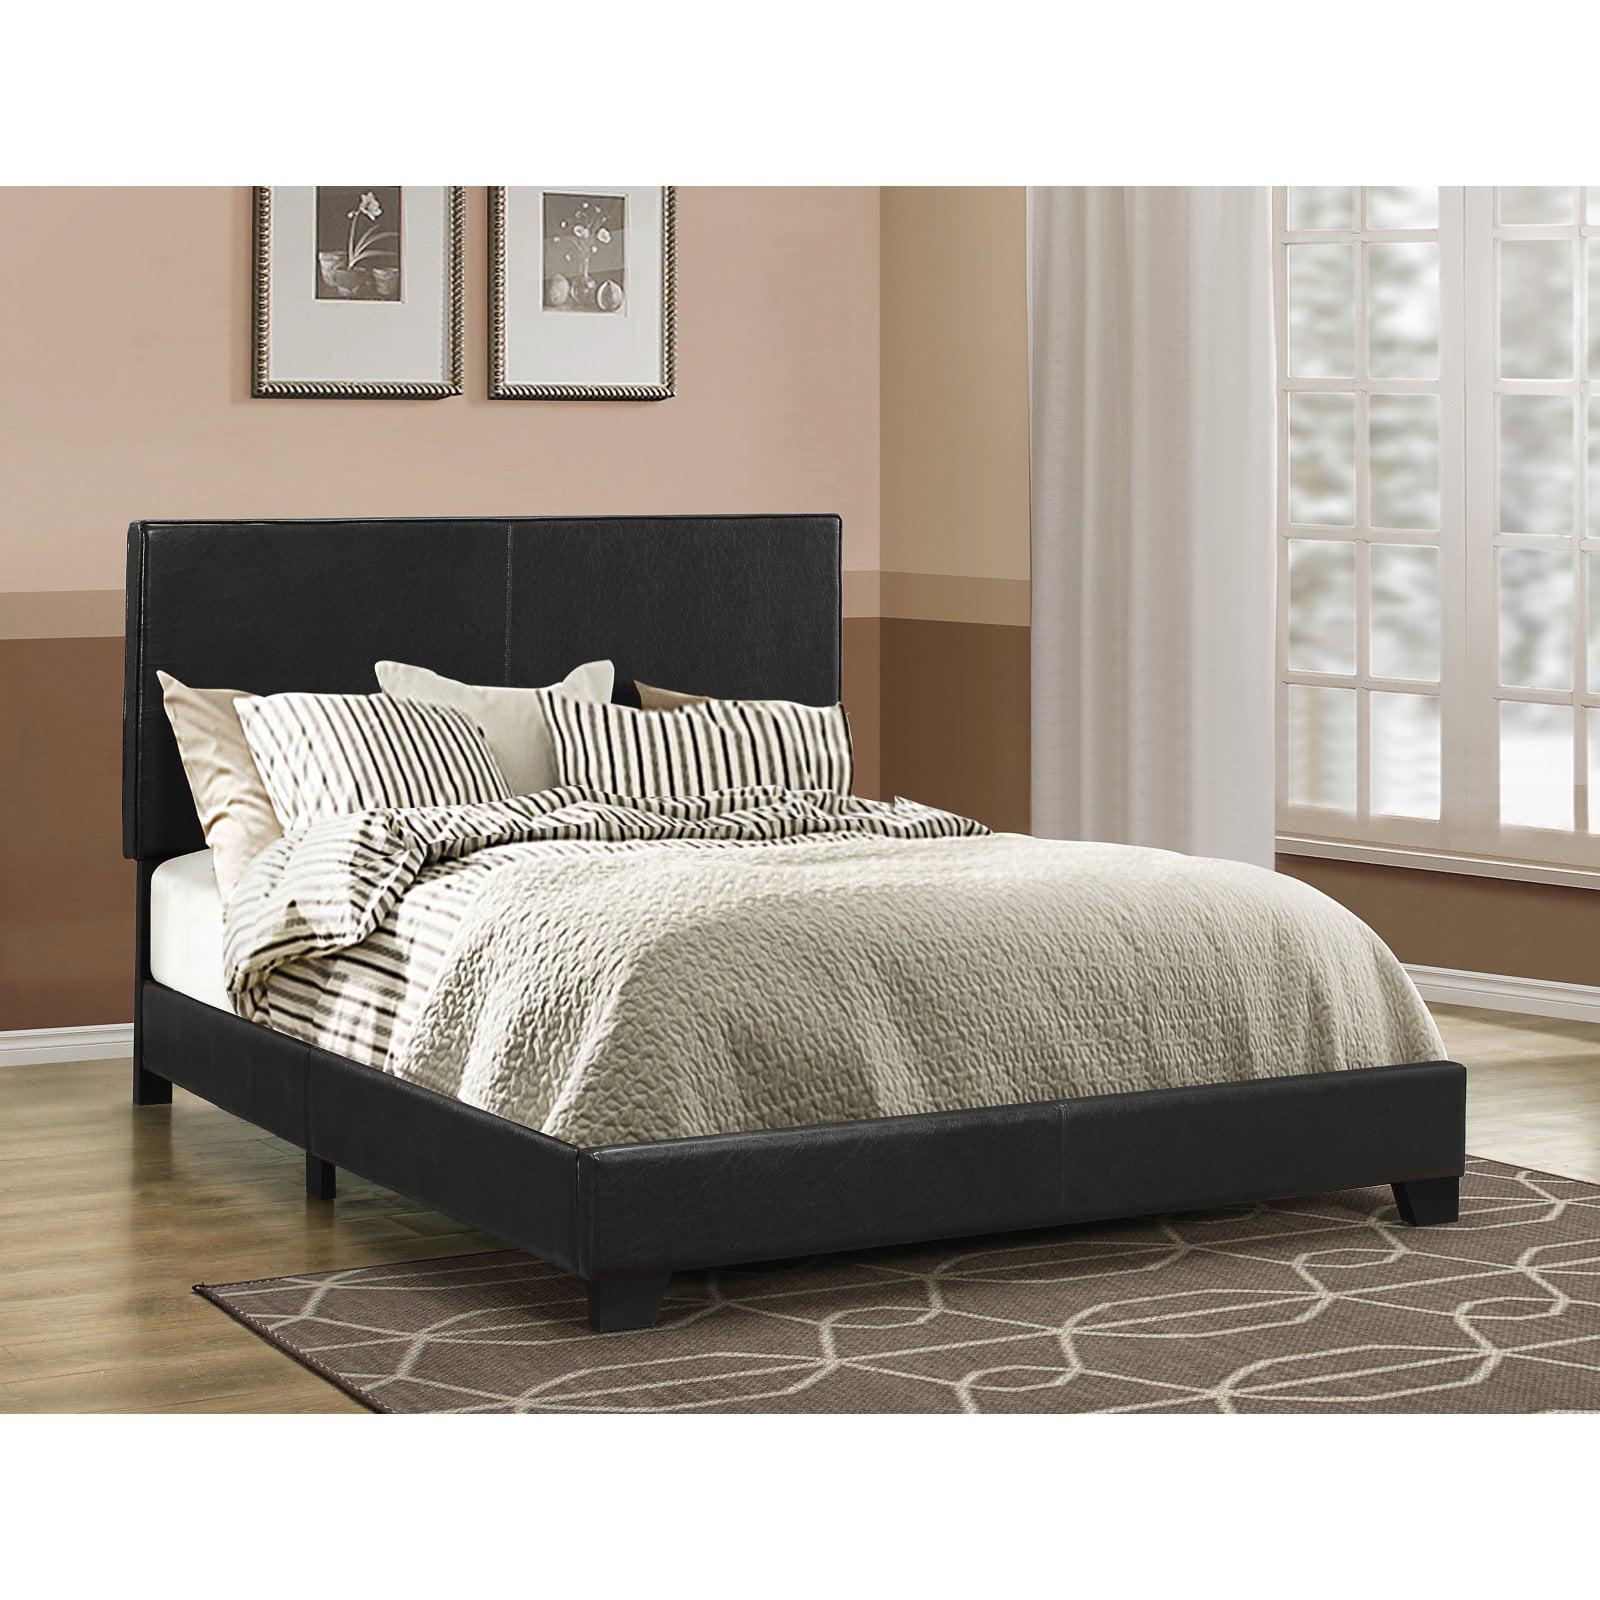 Dorian Upholstered Bed in Black (Queen)